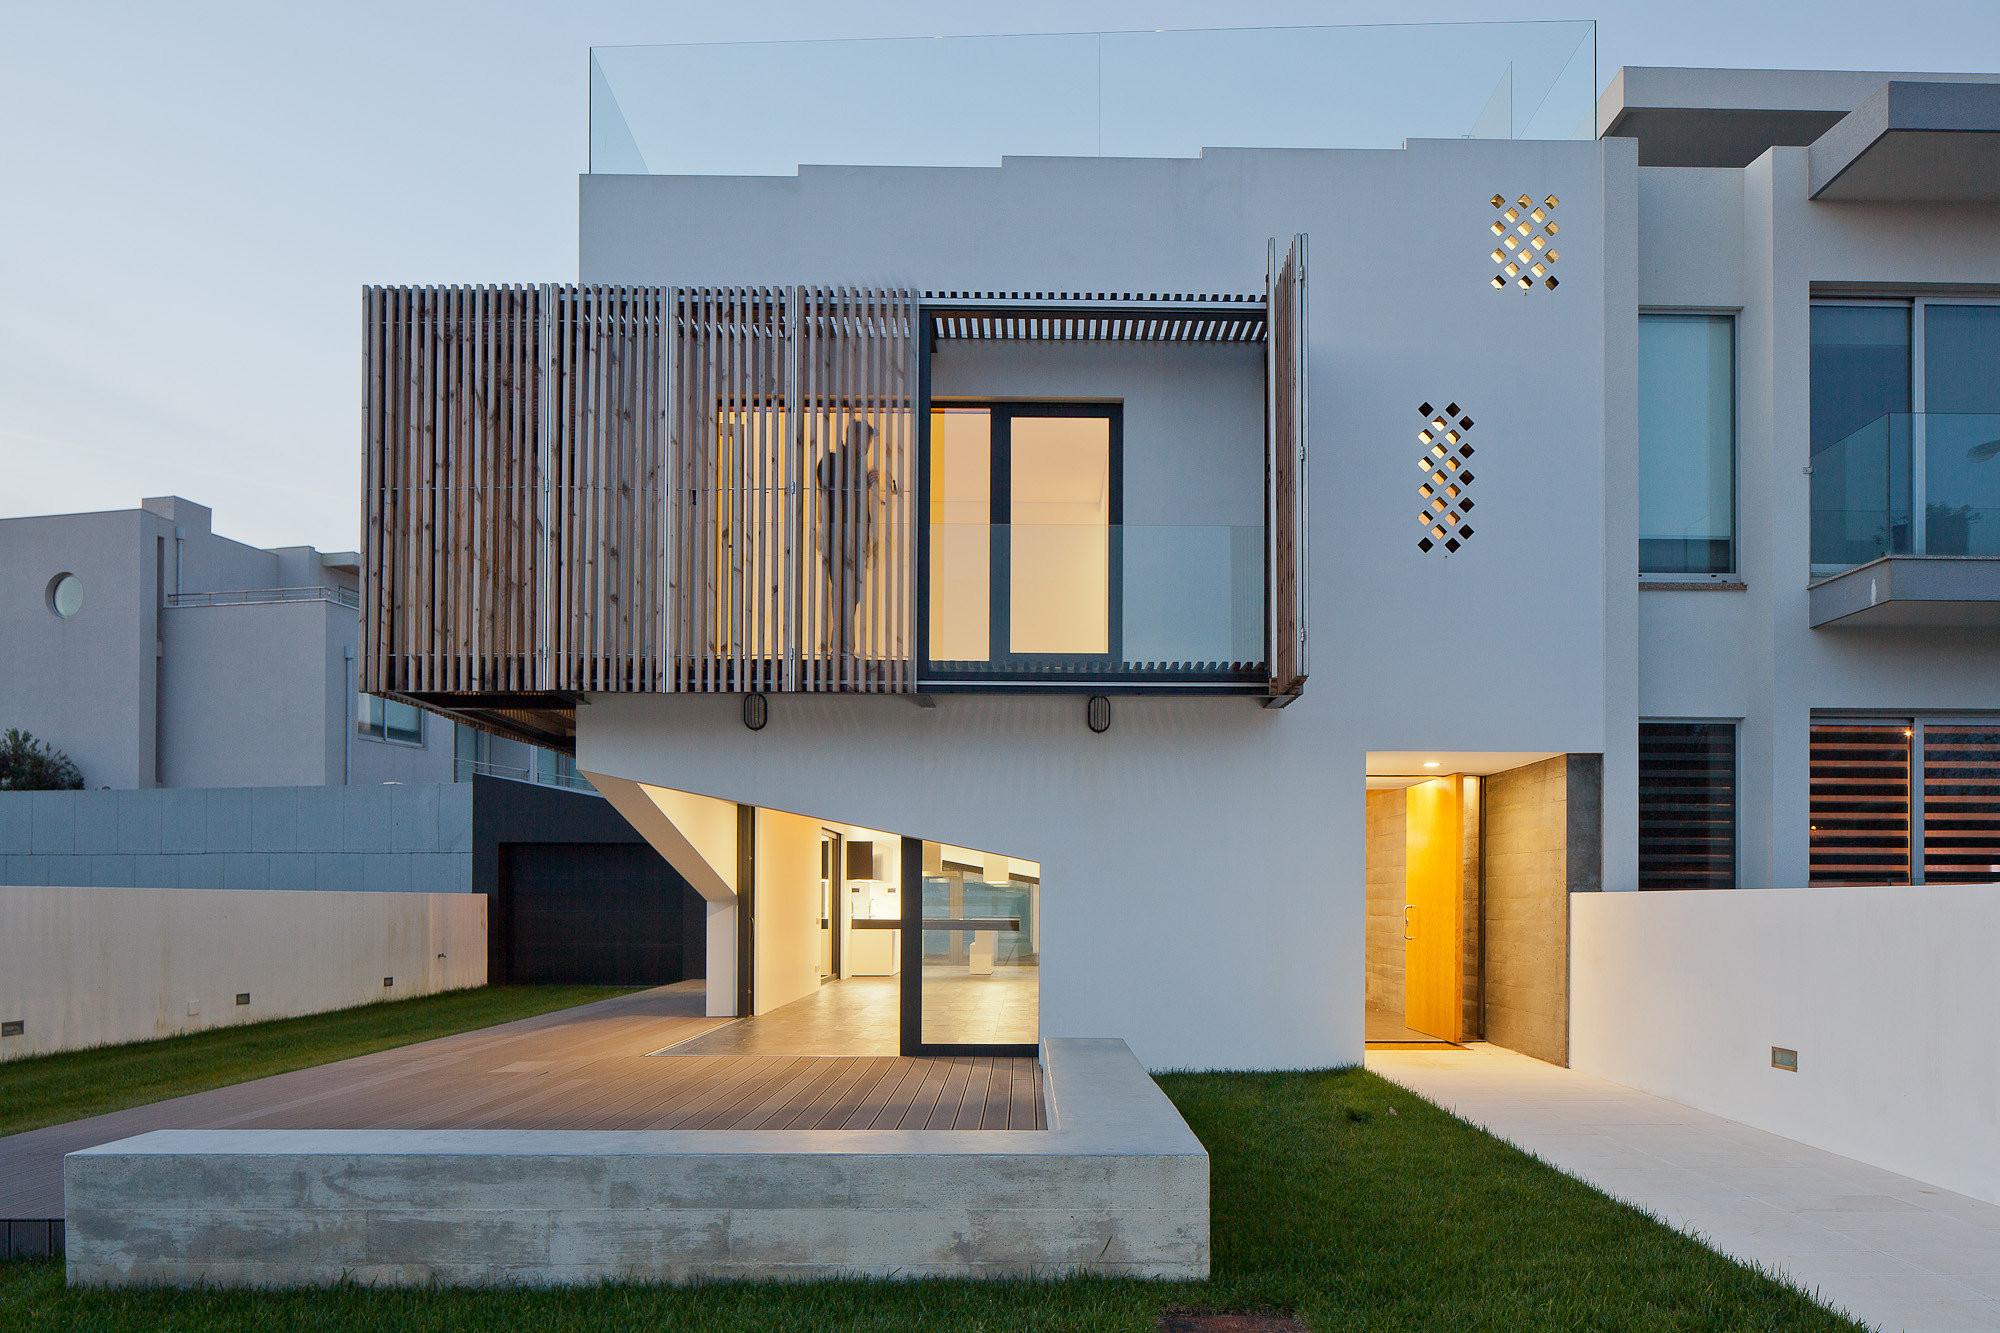 House in miramar e 348 arquitectura archdaily - Planos de casas minimalistas ...